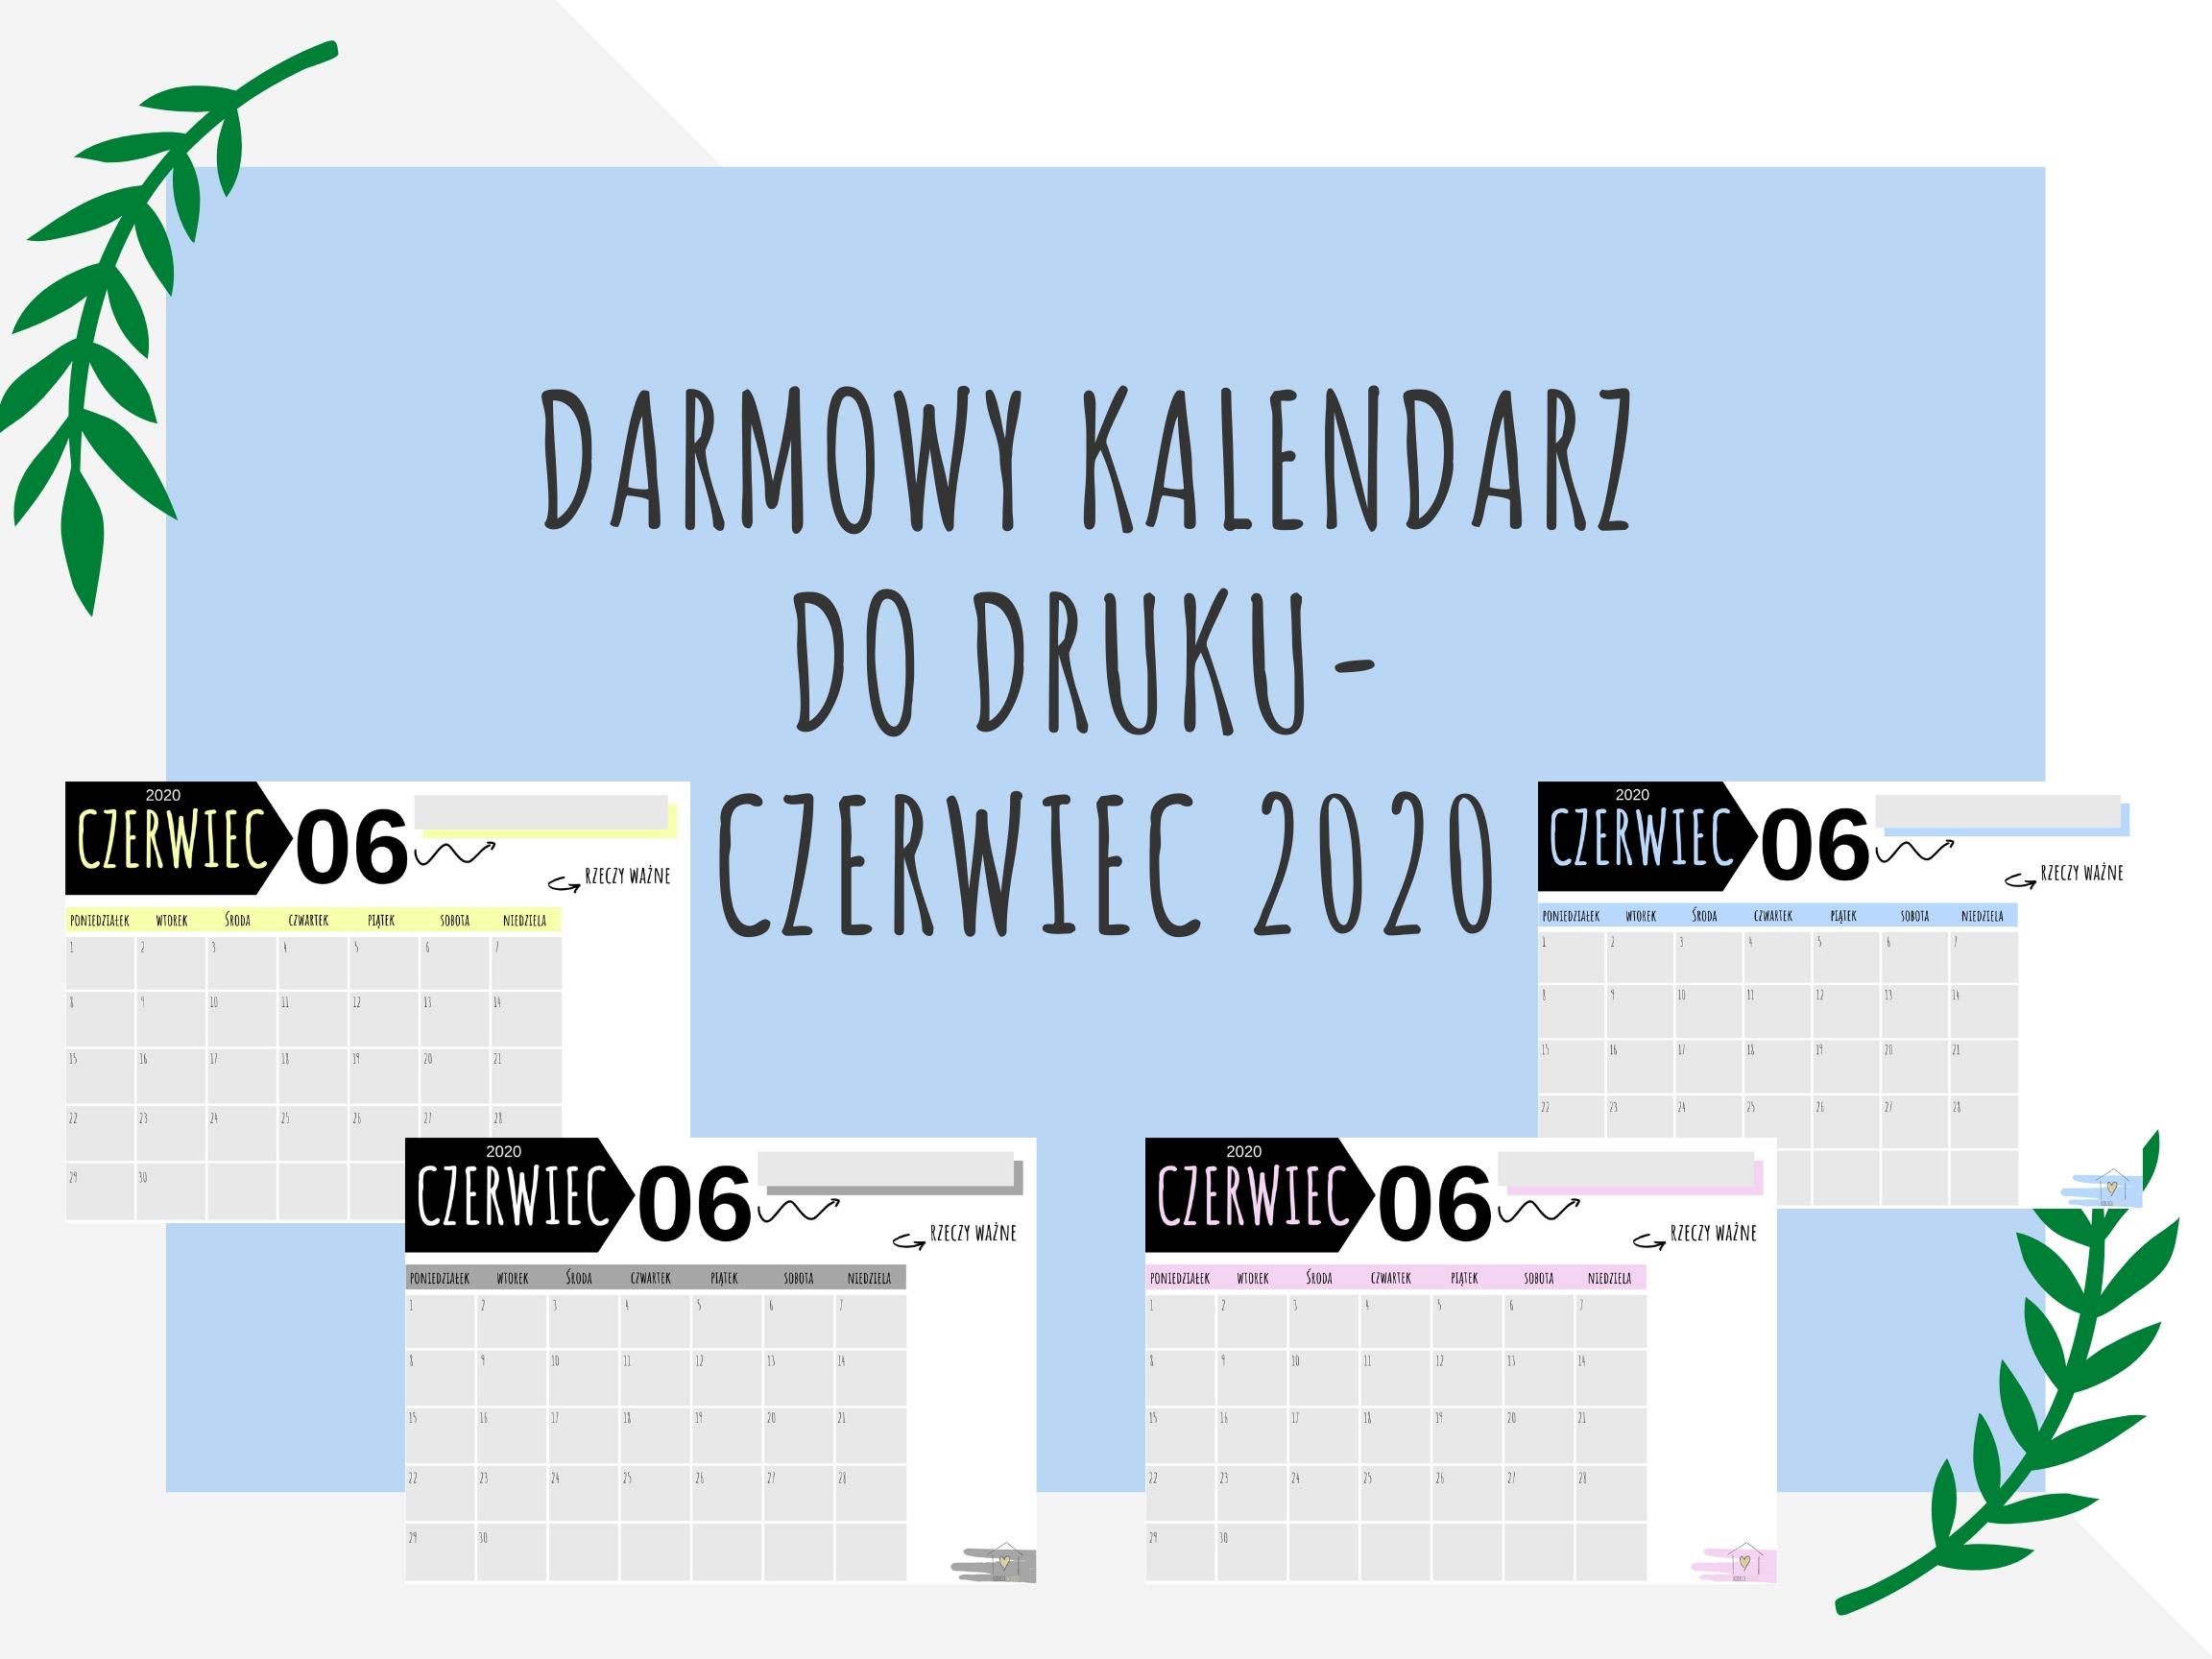 Darmowy kalendarz do druku- CZERWIEC 2020